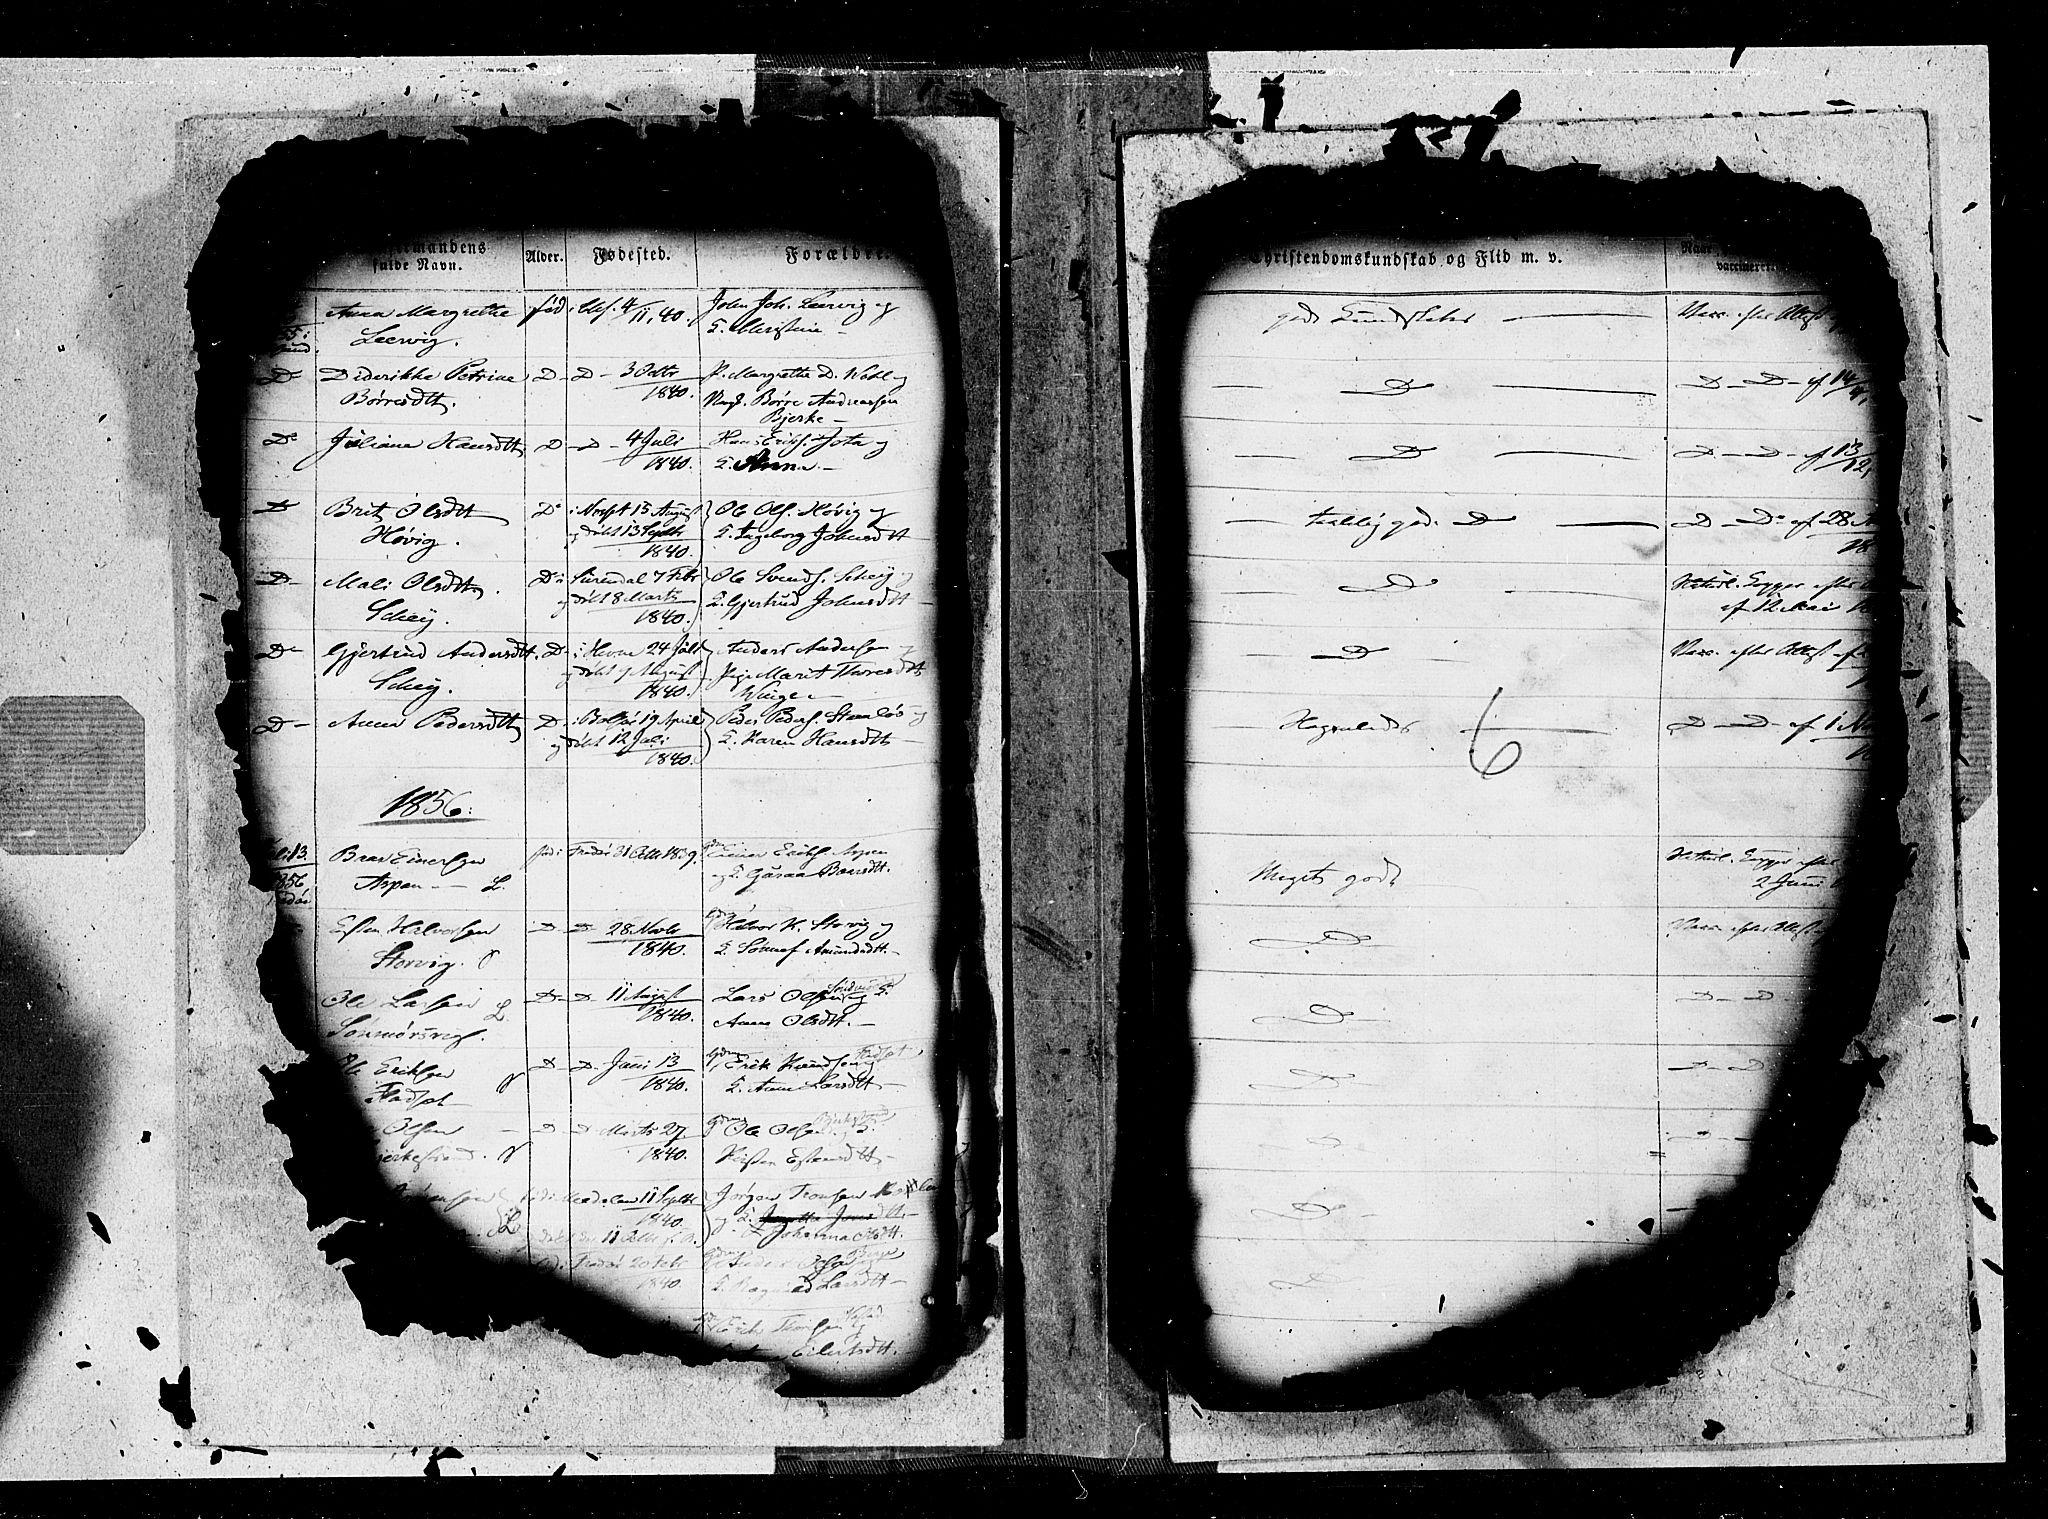 SAT, Ministerialprotokoller, klokkerbøker og fødselsregistre - Møre og Romsdal, 572/L0846: Ministerialbok nr. 572A09, 1855-1865, s. 6